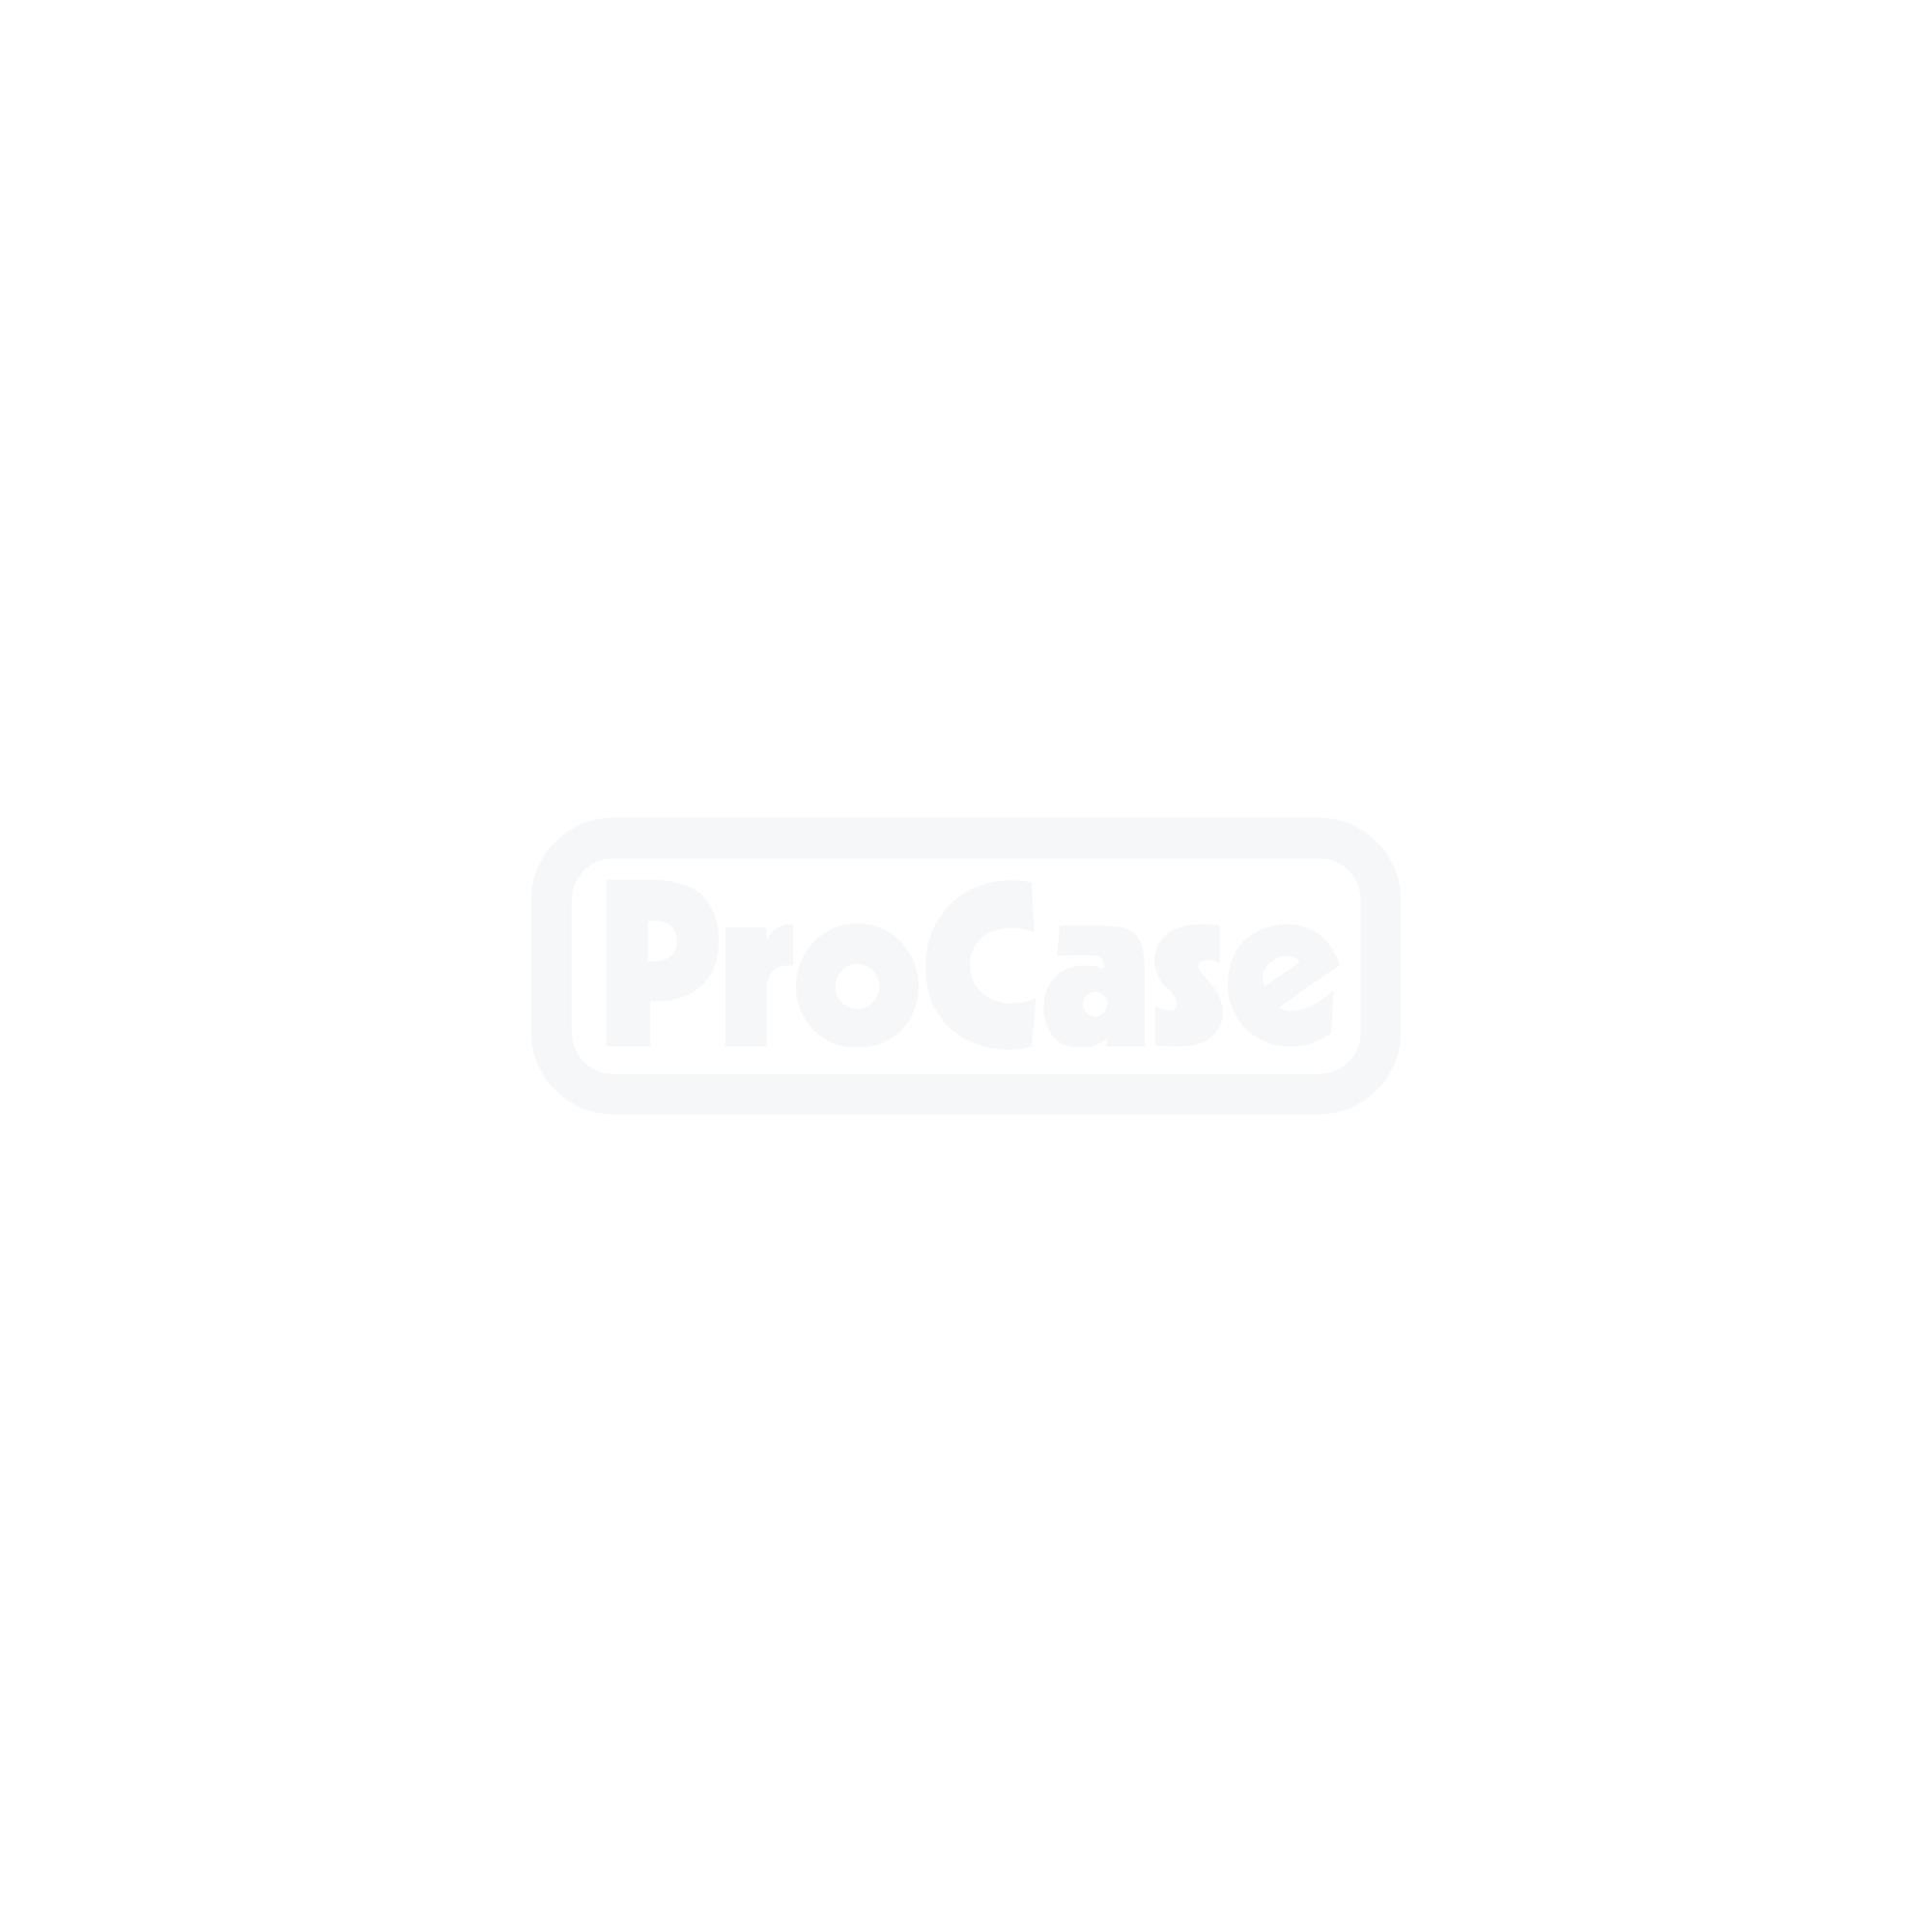 Flightcase für 1 St. Citron MTIR550W-V1